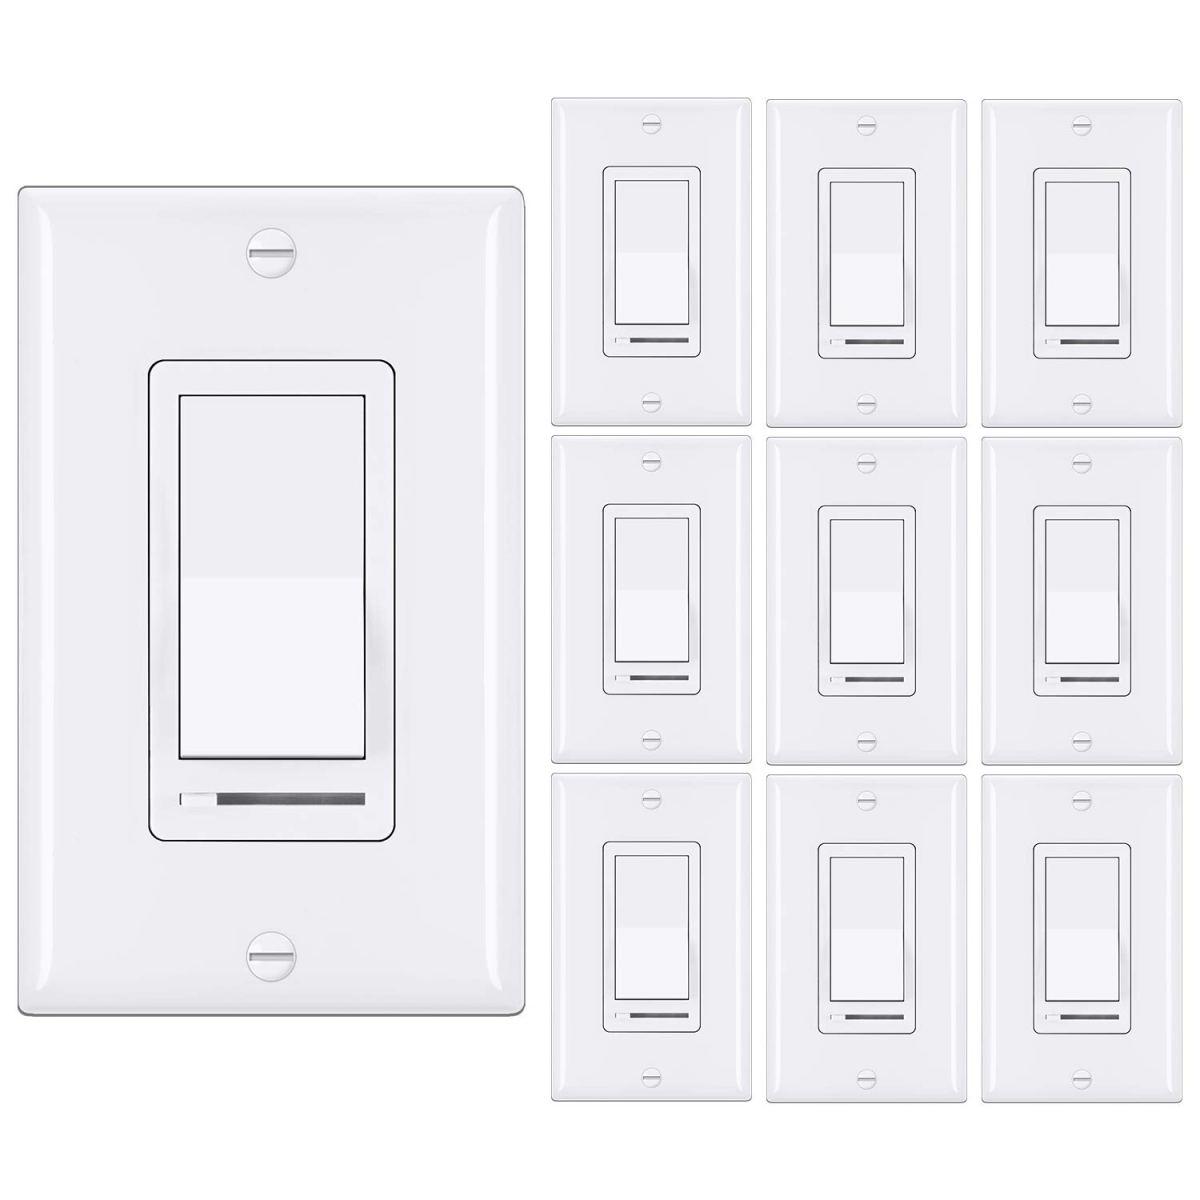 BESTTEN Dimmer Light Switch